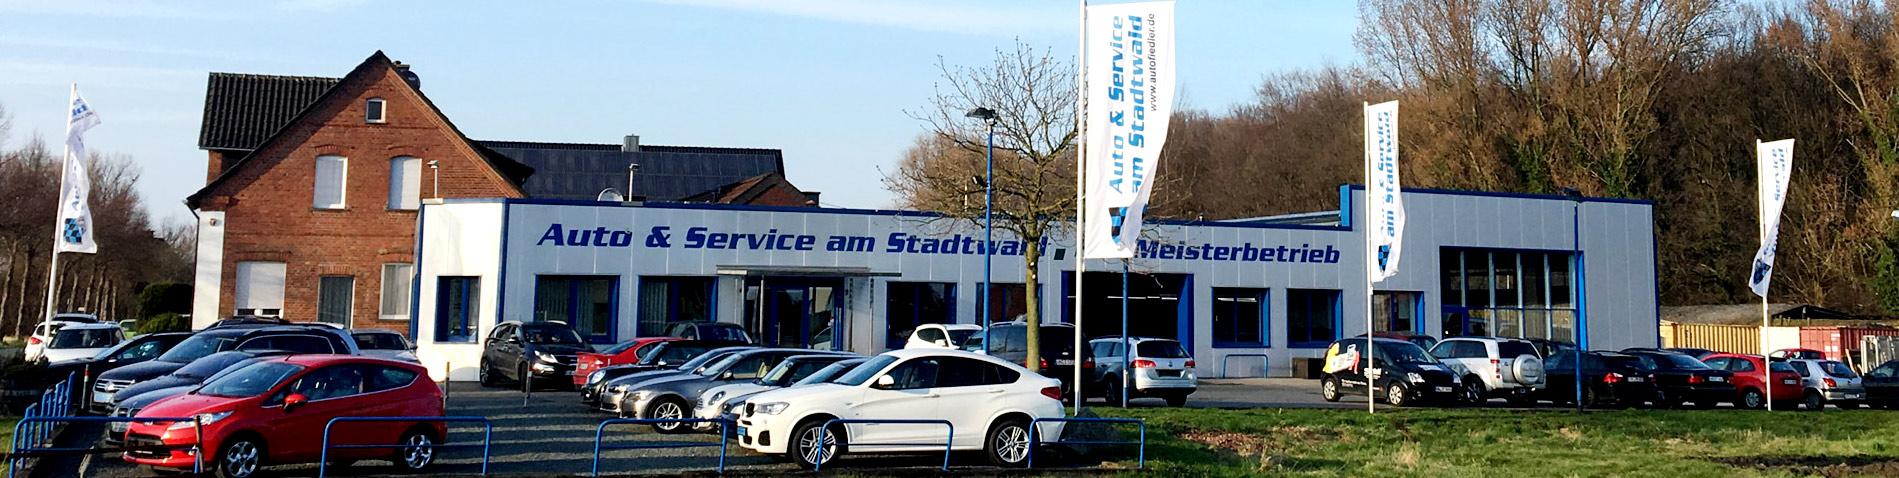 Auto & Service am Stadtwald Werne - Impressum